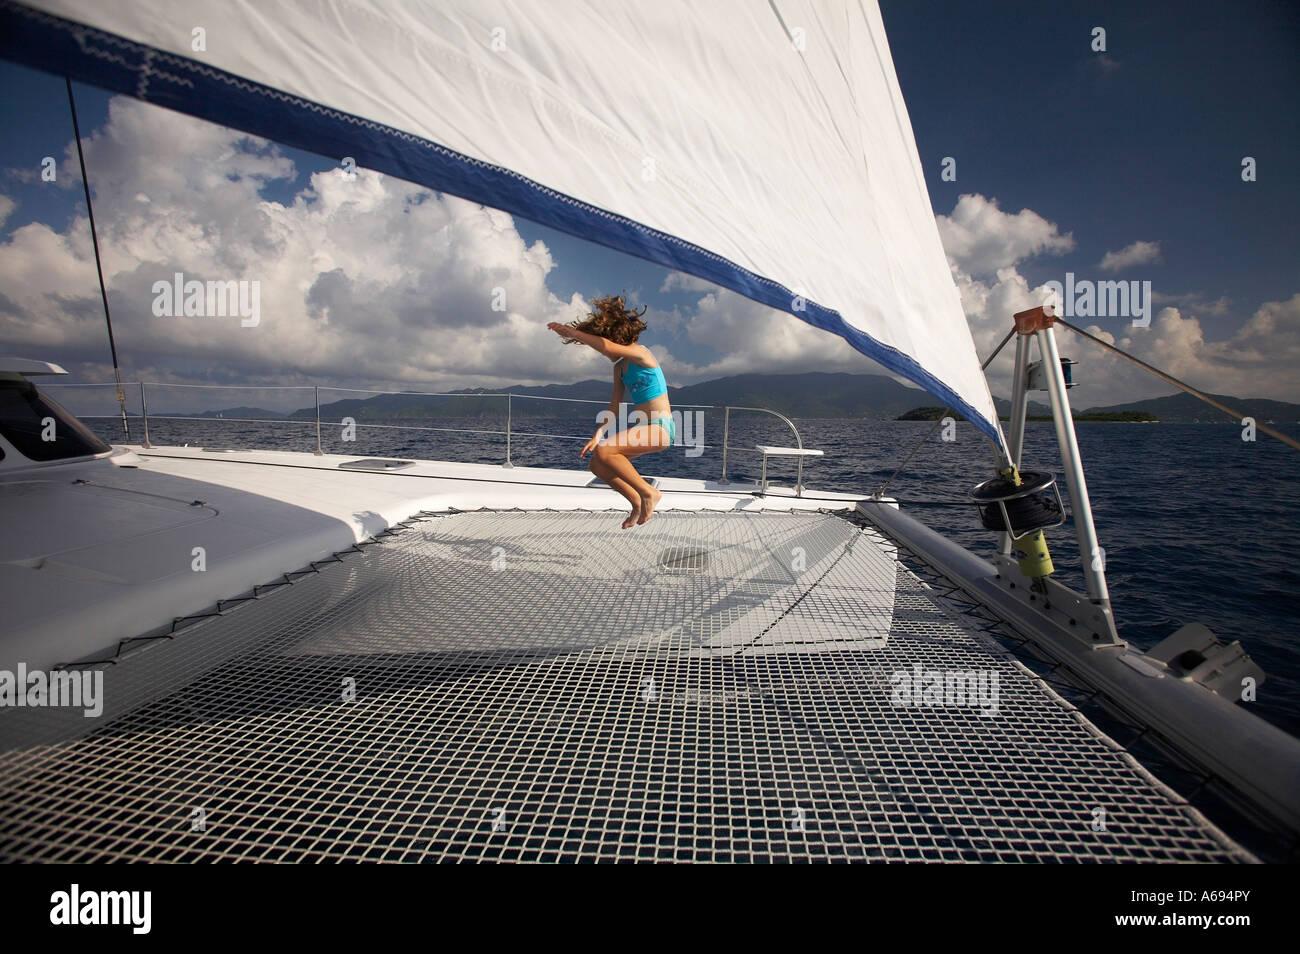 Velero catamarán en las Islas Vírgenes Británicas Foto de stock